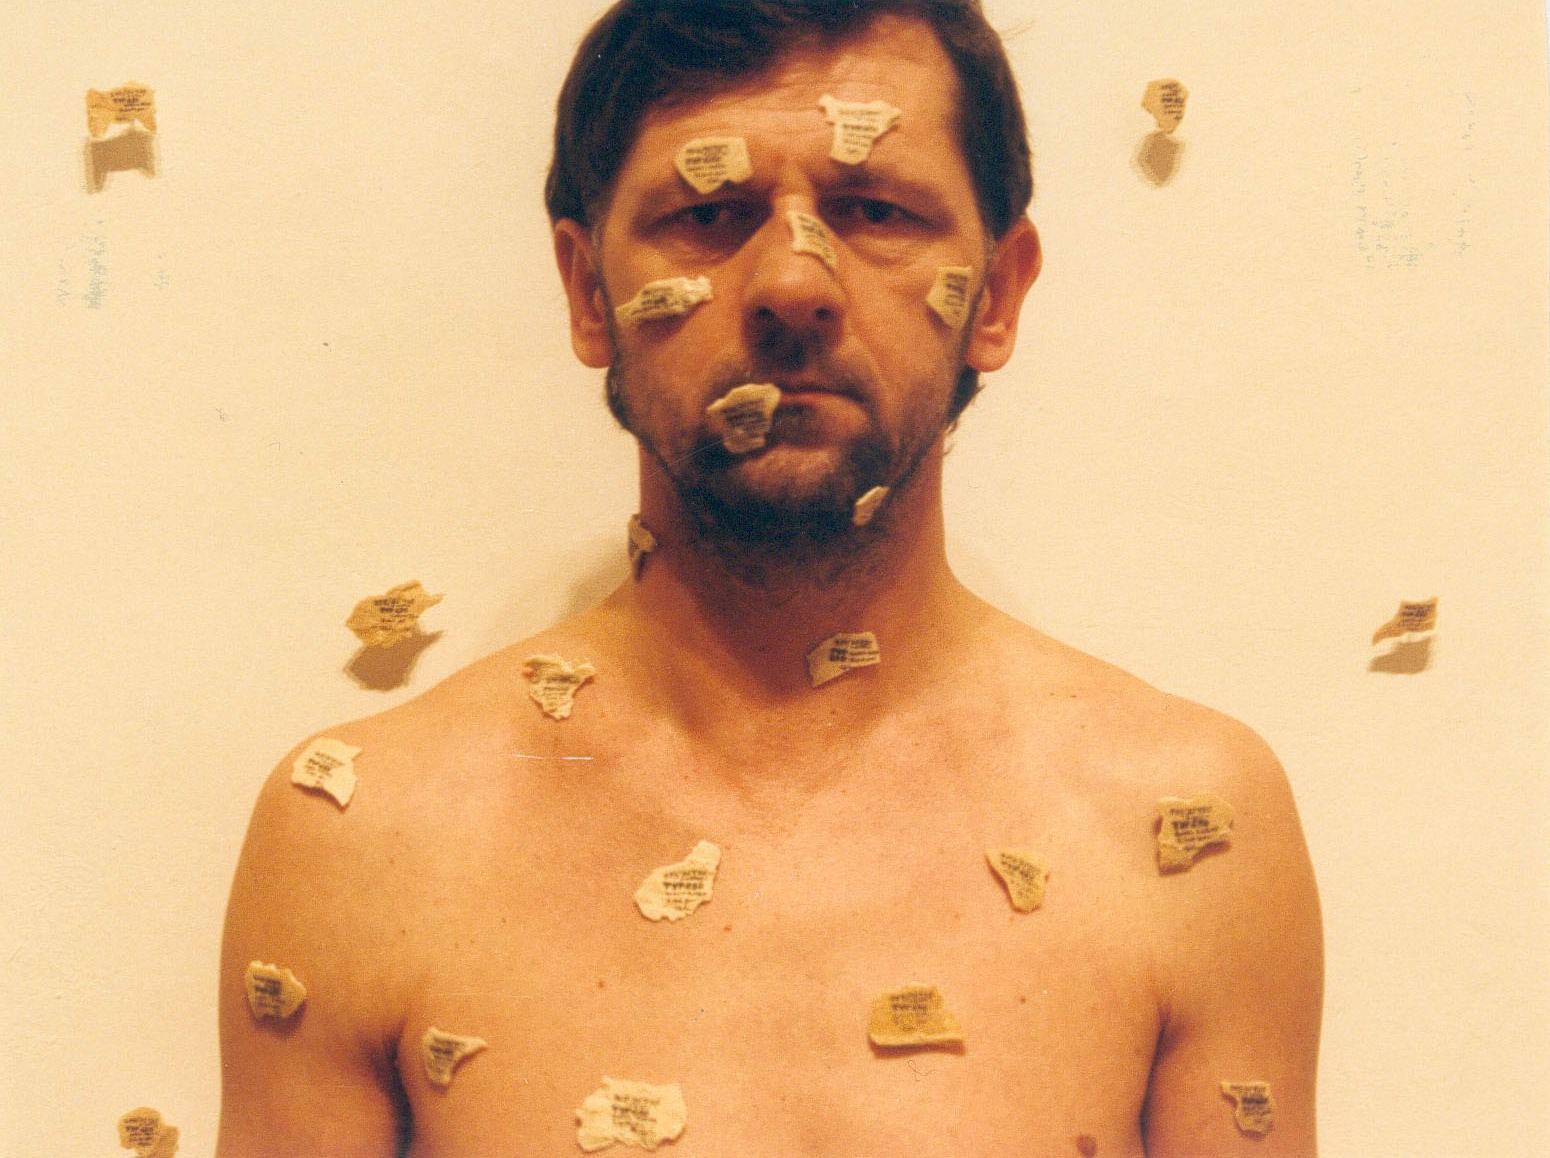 """Jan Gryka, """"Autoportret z drobinami"""", Galeria Biała, Lublin 2003. Fot. Jan Gryka (źródło: materiały prasowe kwartalnika """"Akcent"""")"""